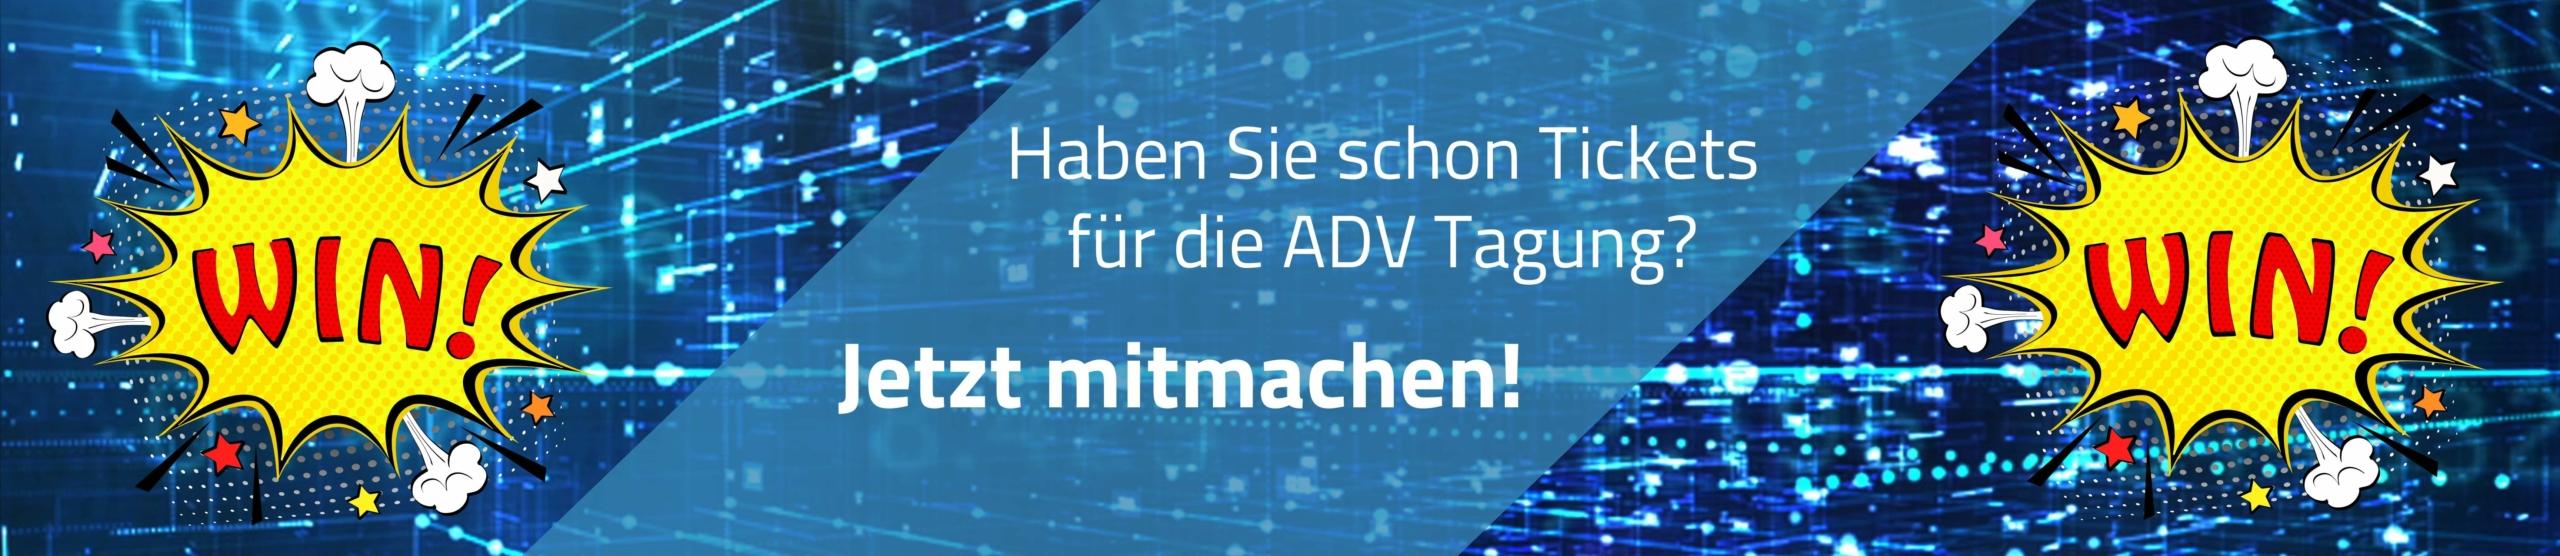 ADV-Tagung Gewinnspiel Jetzt Mitmachen